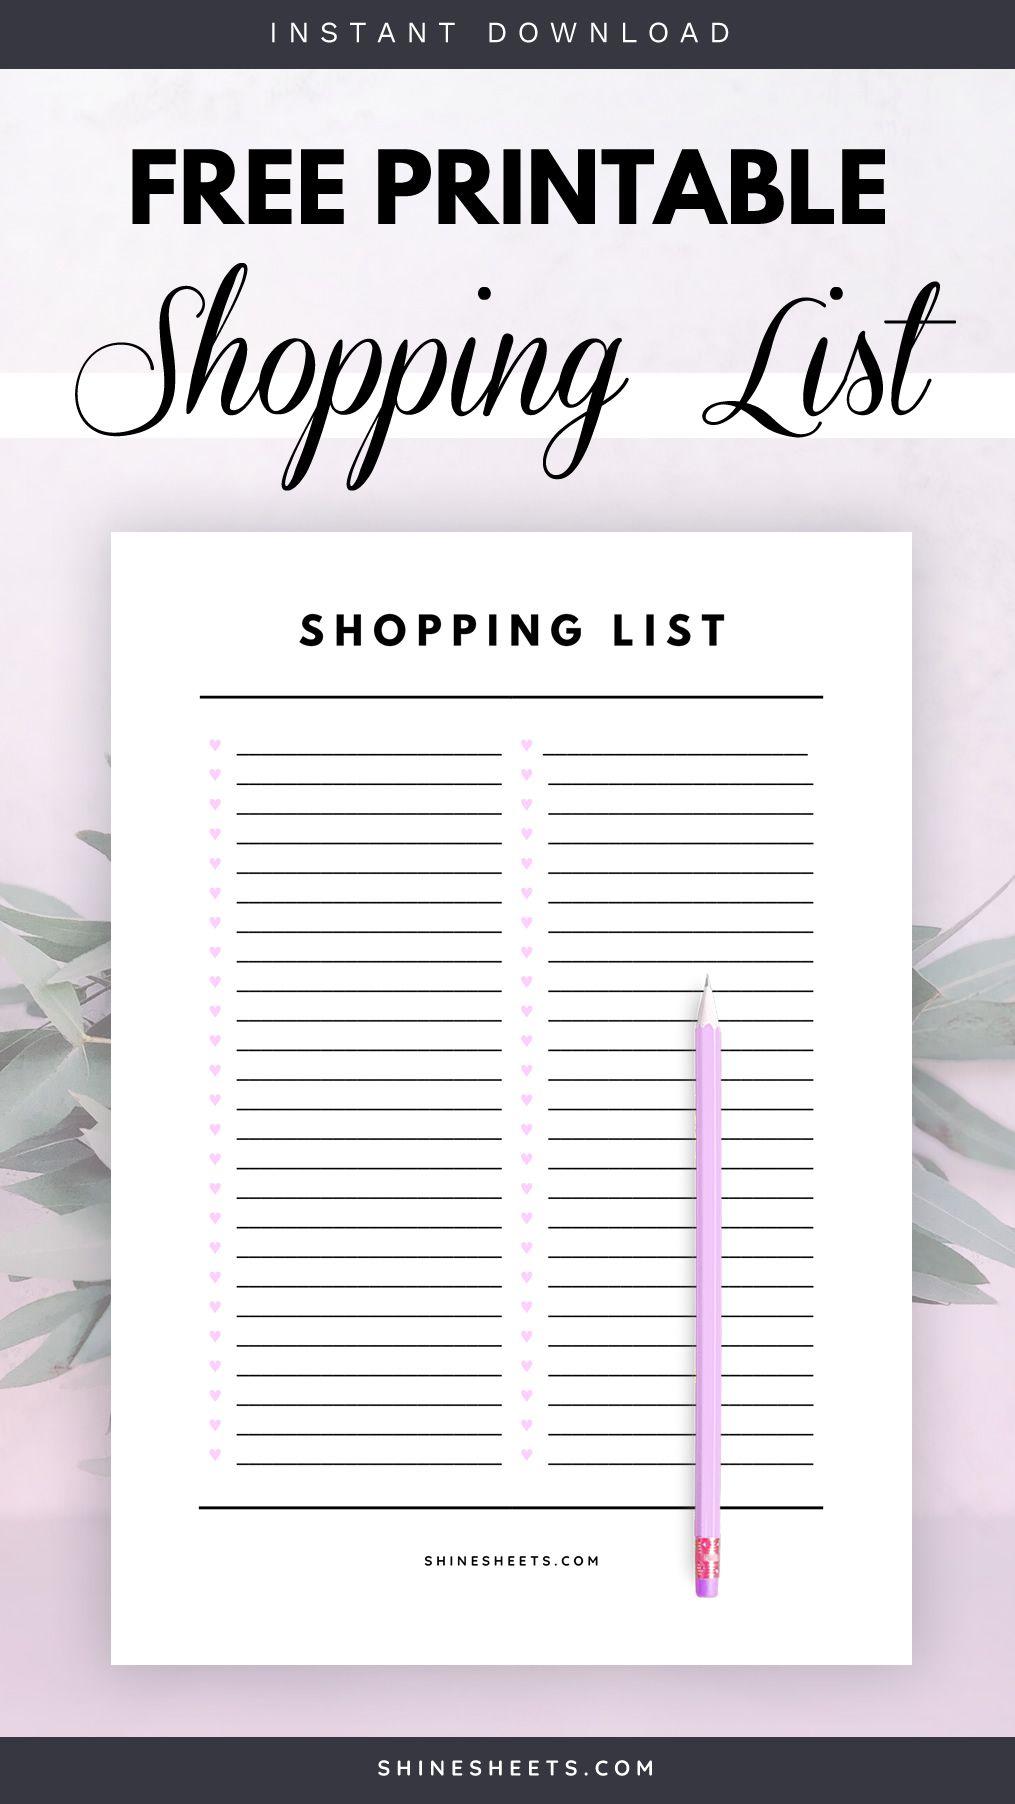 Free Shopping List Printable Printable Shopping List Printable